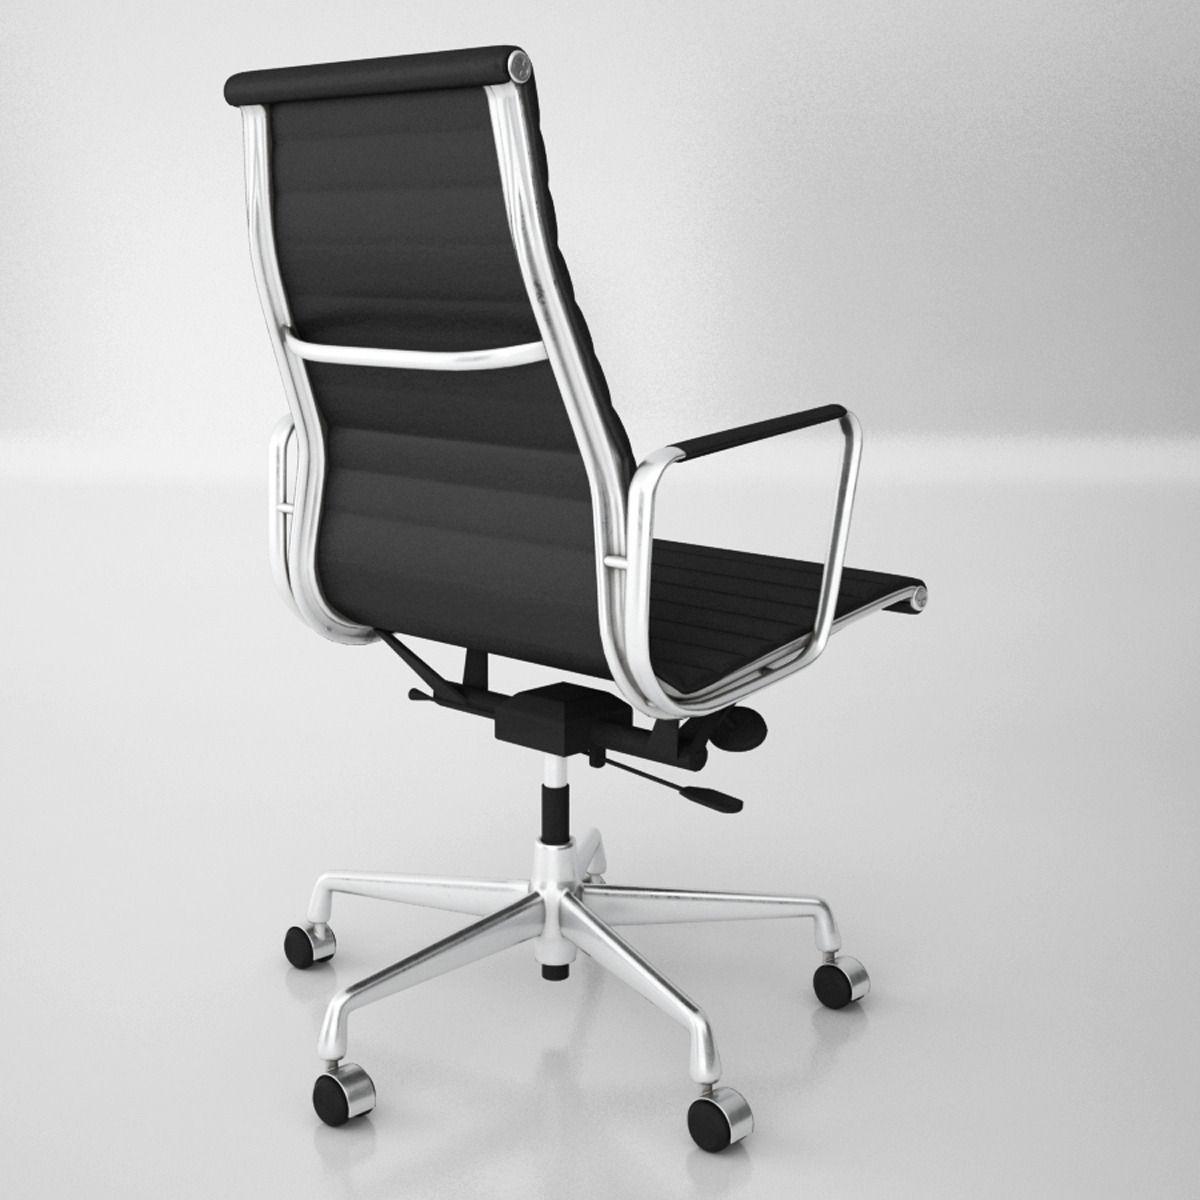 Vitra Aluminium Office Chairs Model Max Obj Mtl Fbx 4